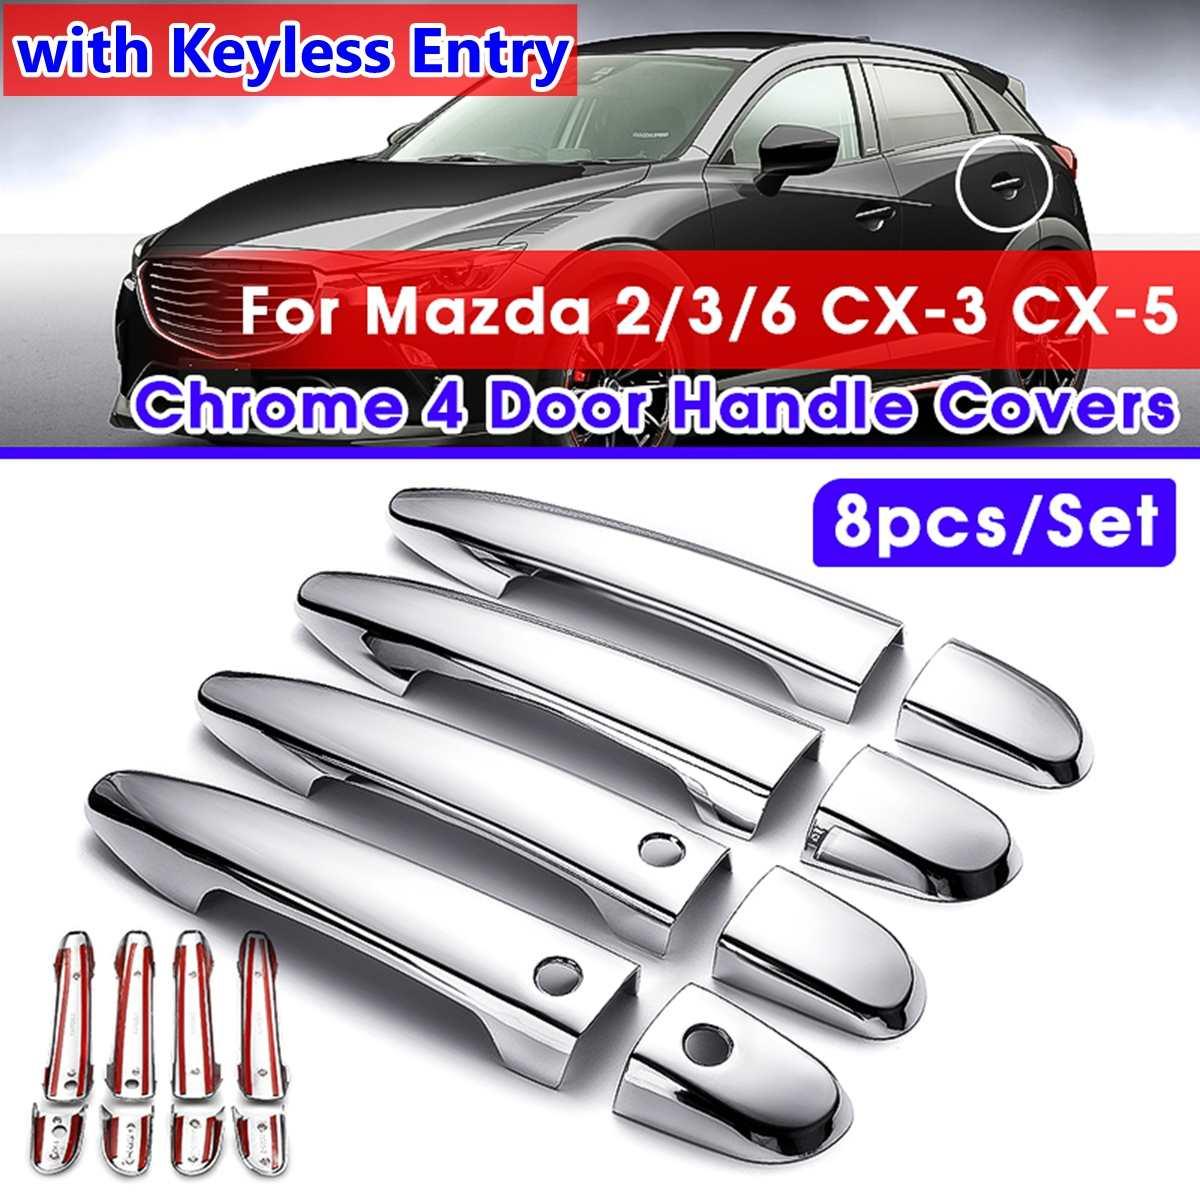 8 Uds coche cromo carbono mano izquierda manija de la puerta pegatina cubierta para Mazda 2 3 6 cx 3 cx-3 cx-5 2014 2015 2016 2017 2018 estilo